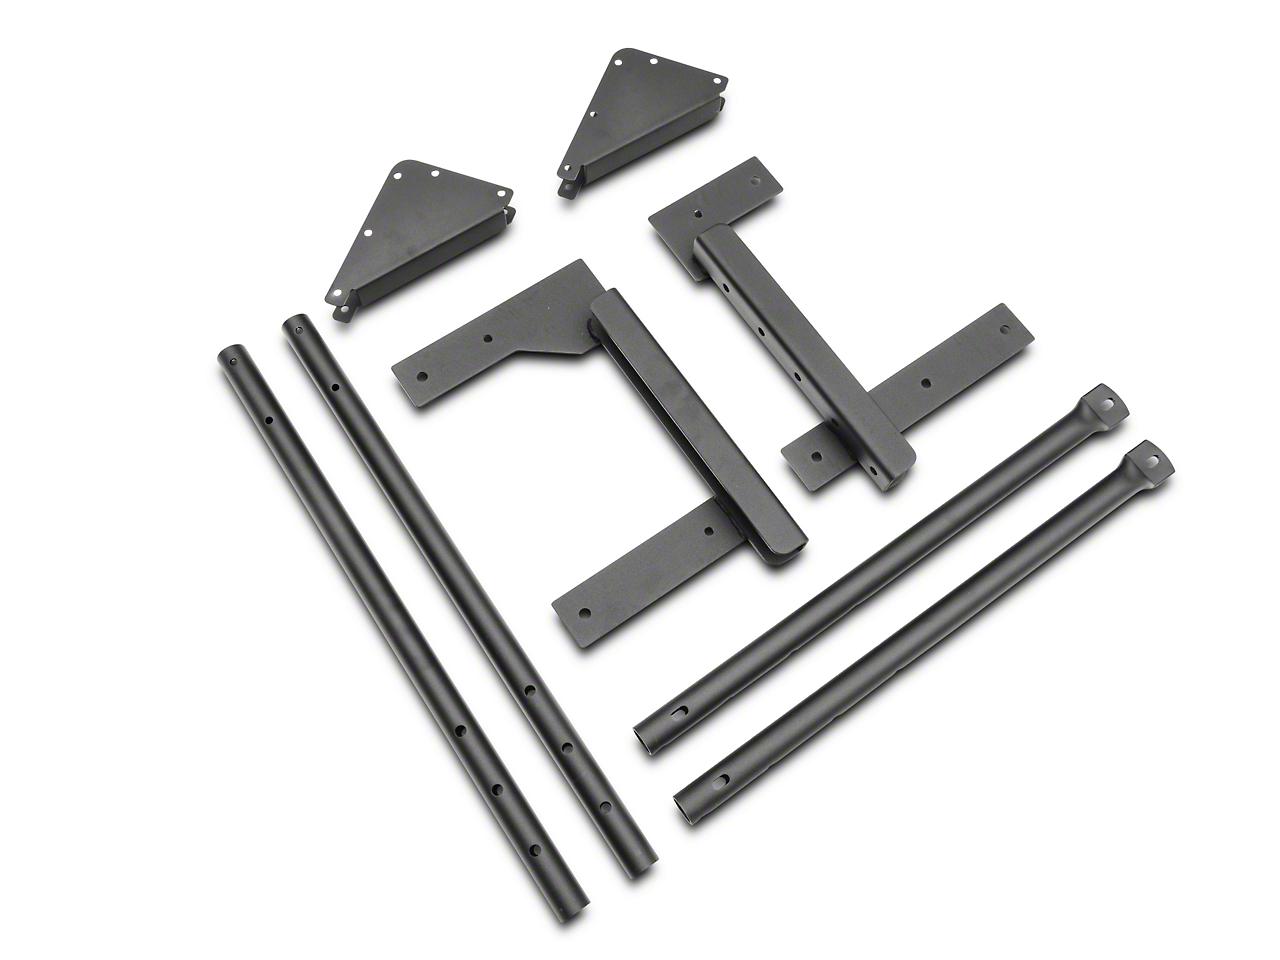 Bestop Tailgate Rack Bracket for Universal Rack System (87-06 Wrangler YJ & TJ)